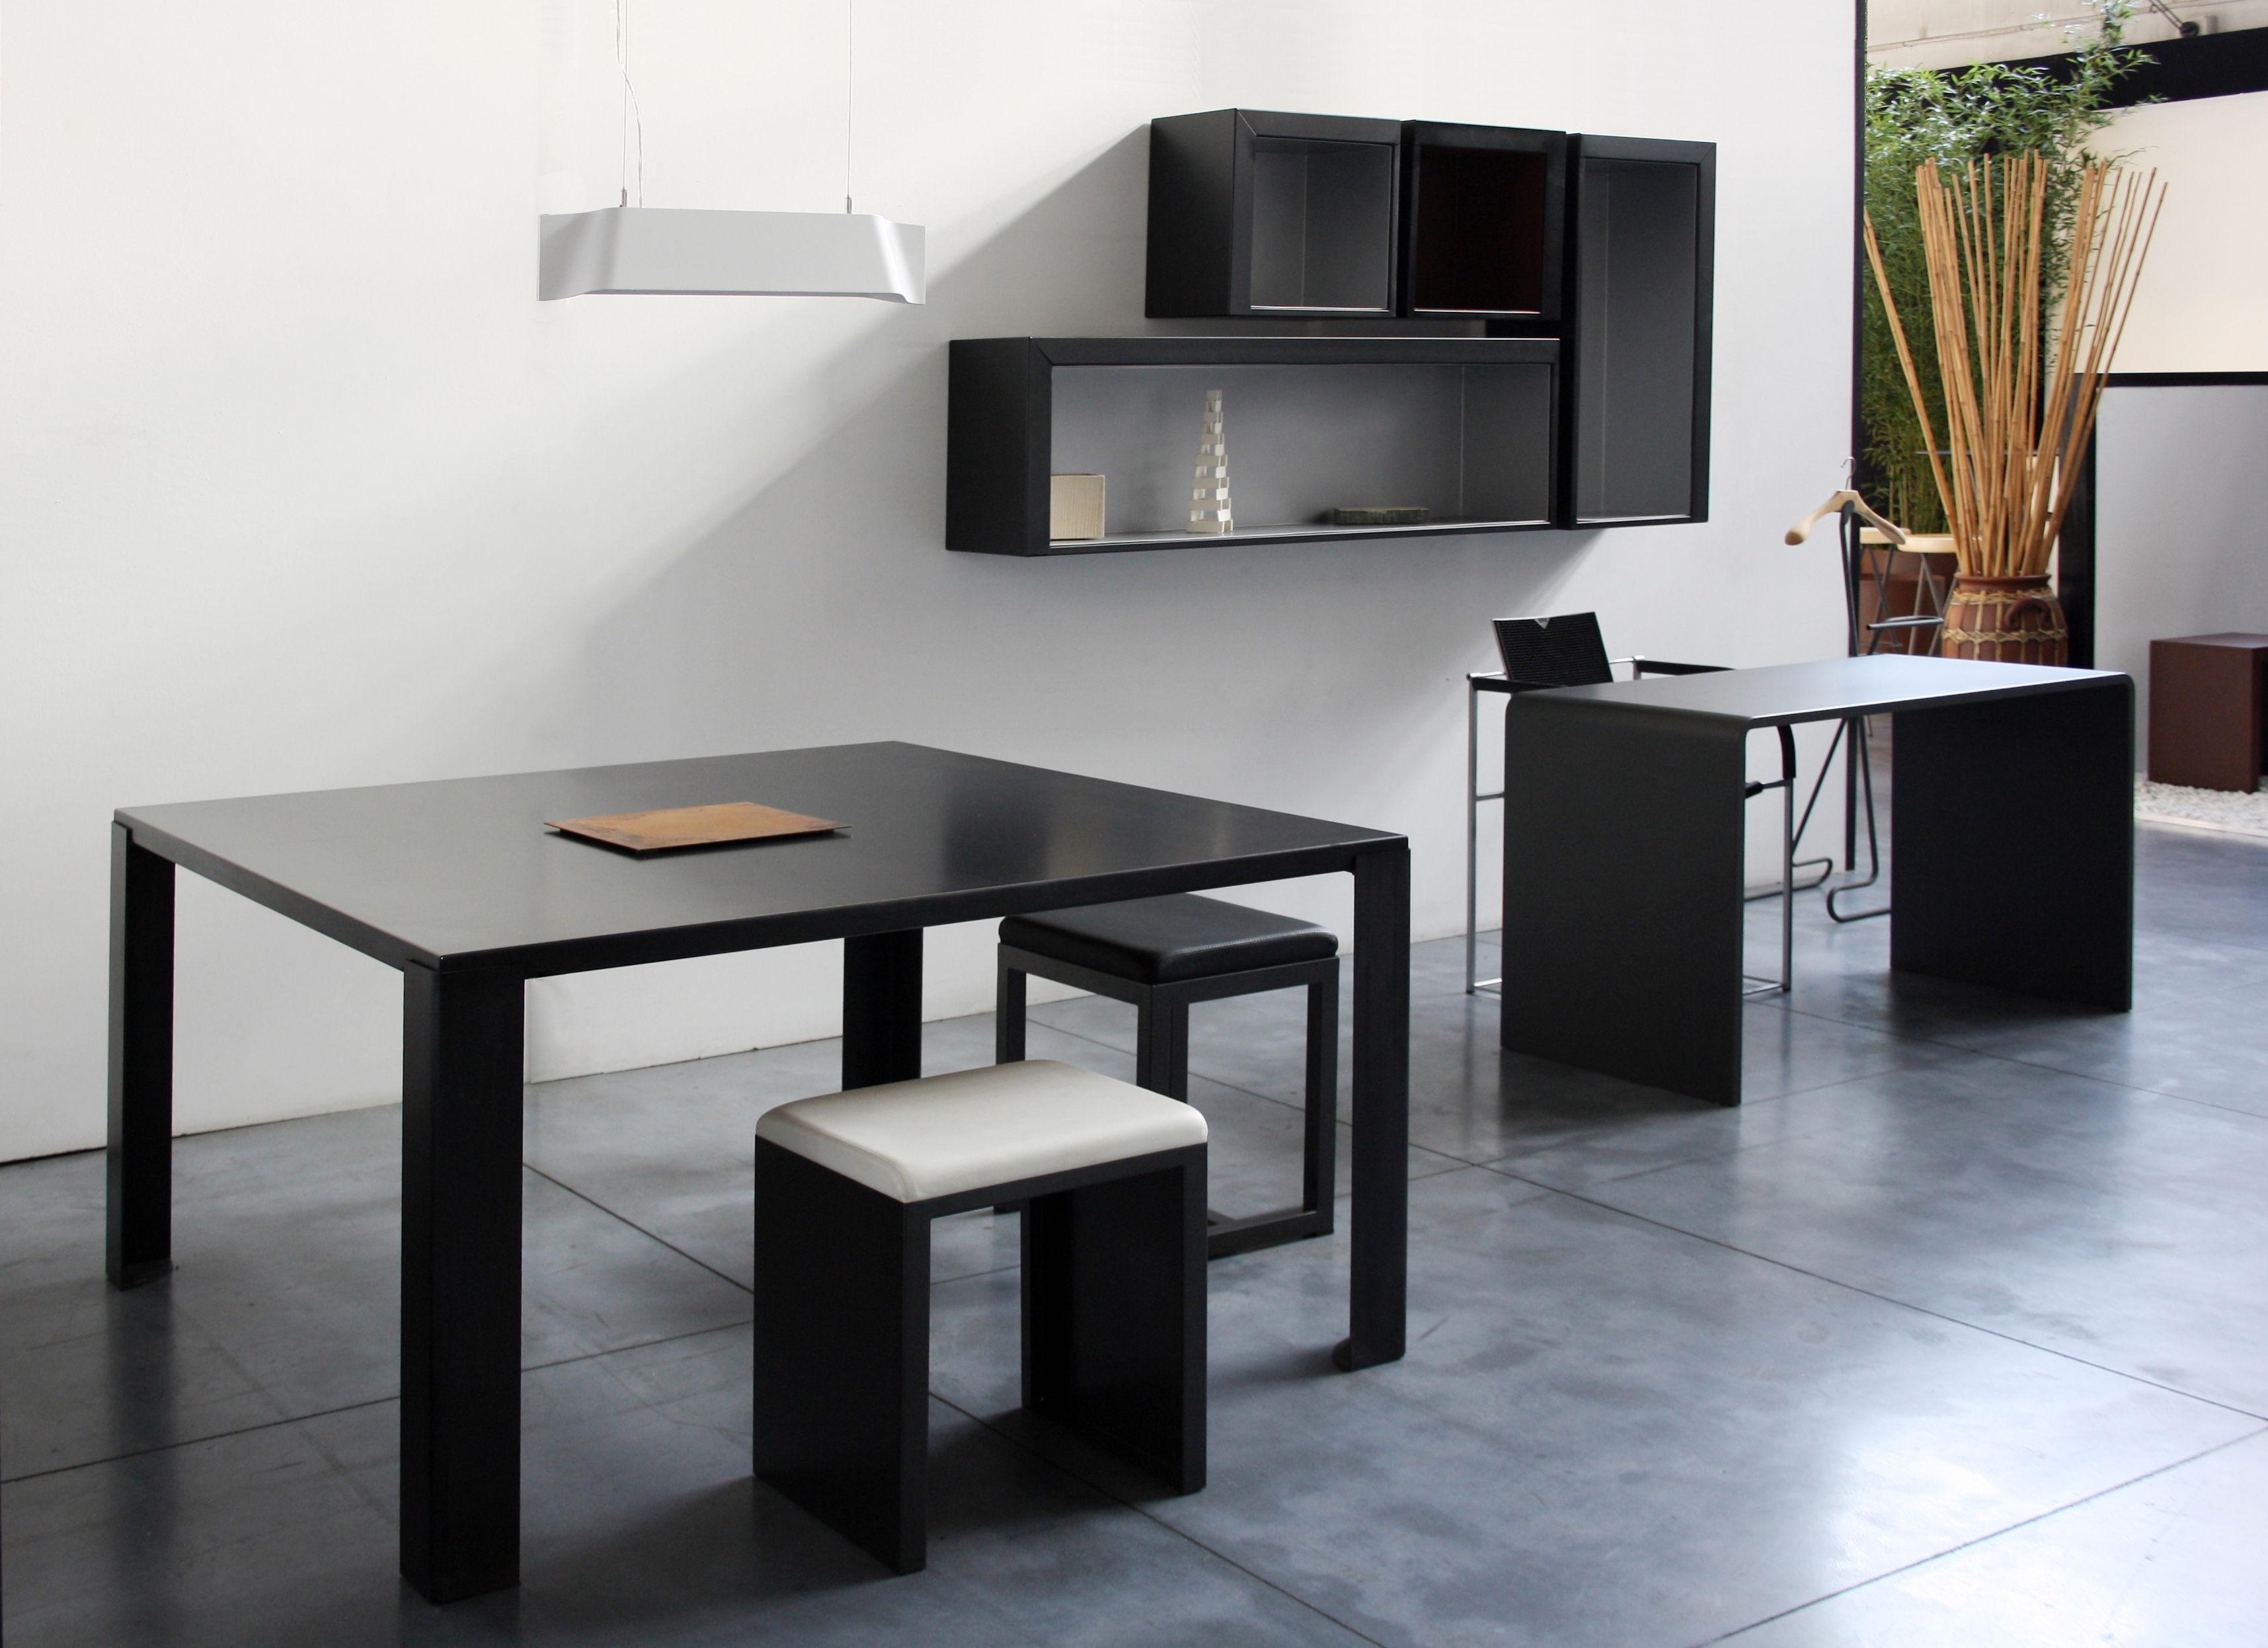 Bureau solitaire l 120 cm noir zeus